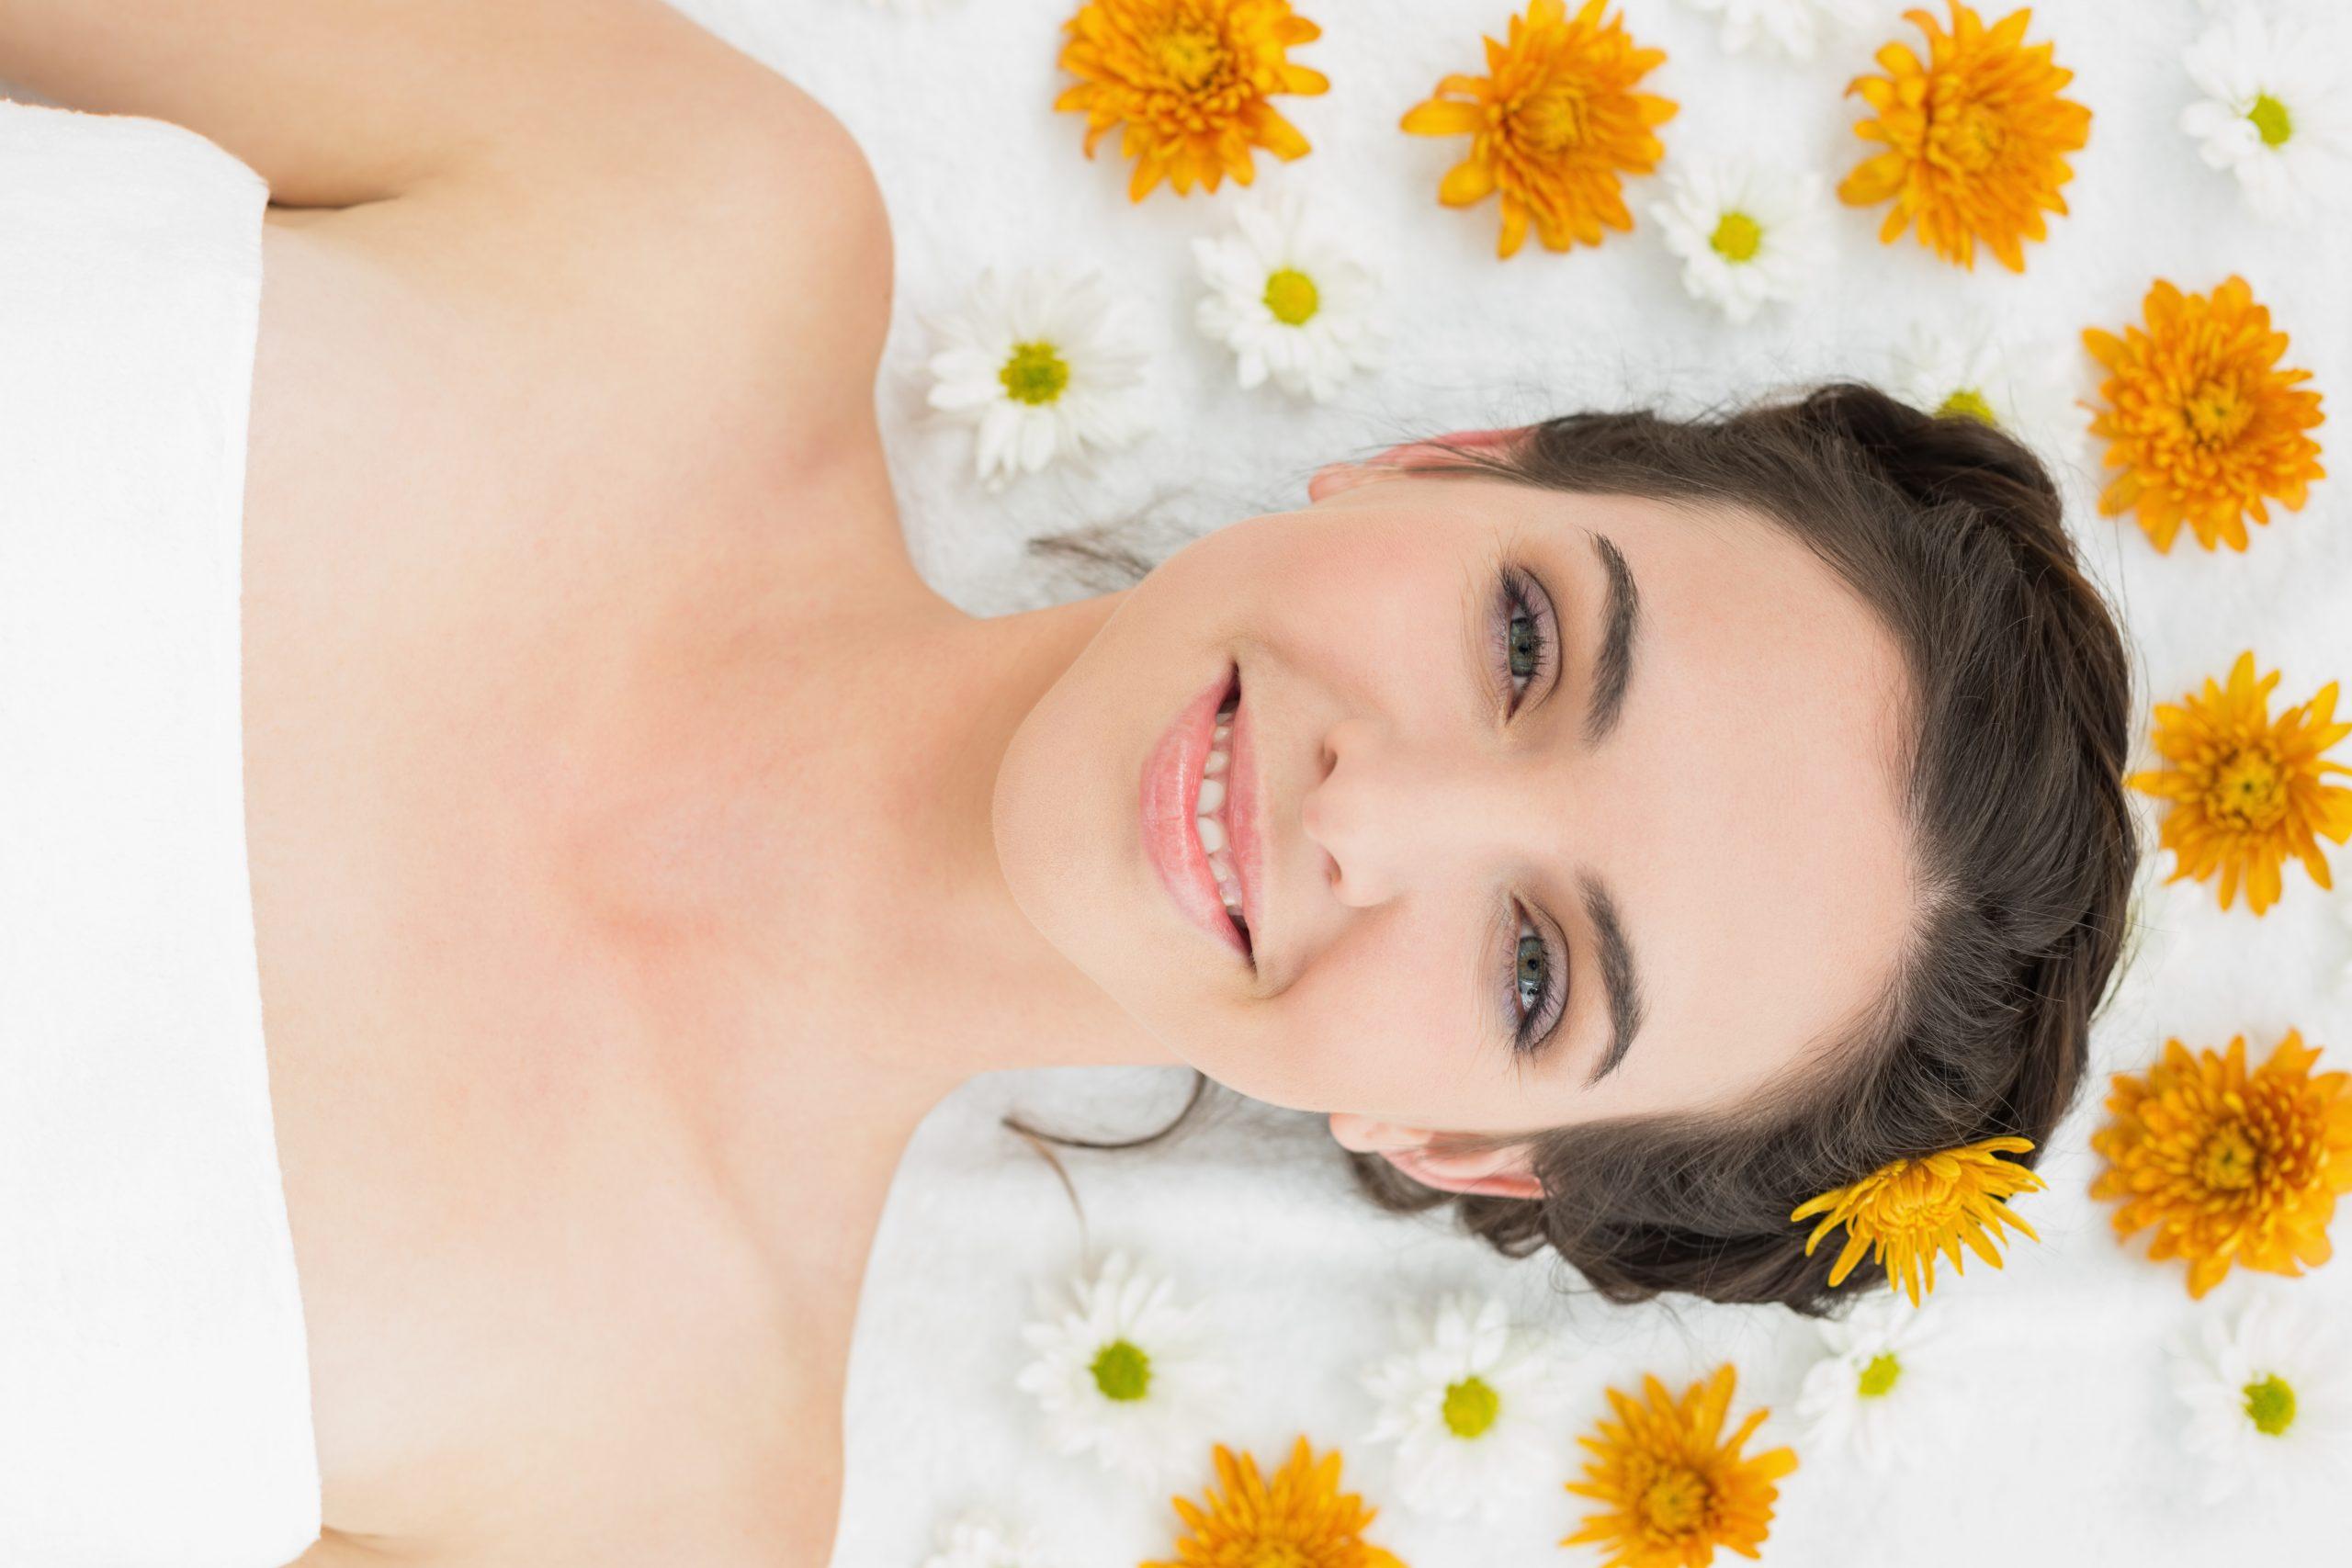 Mujer sonriente que sabe como tratar con las estrías